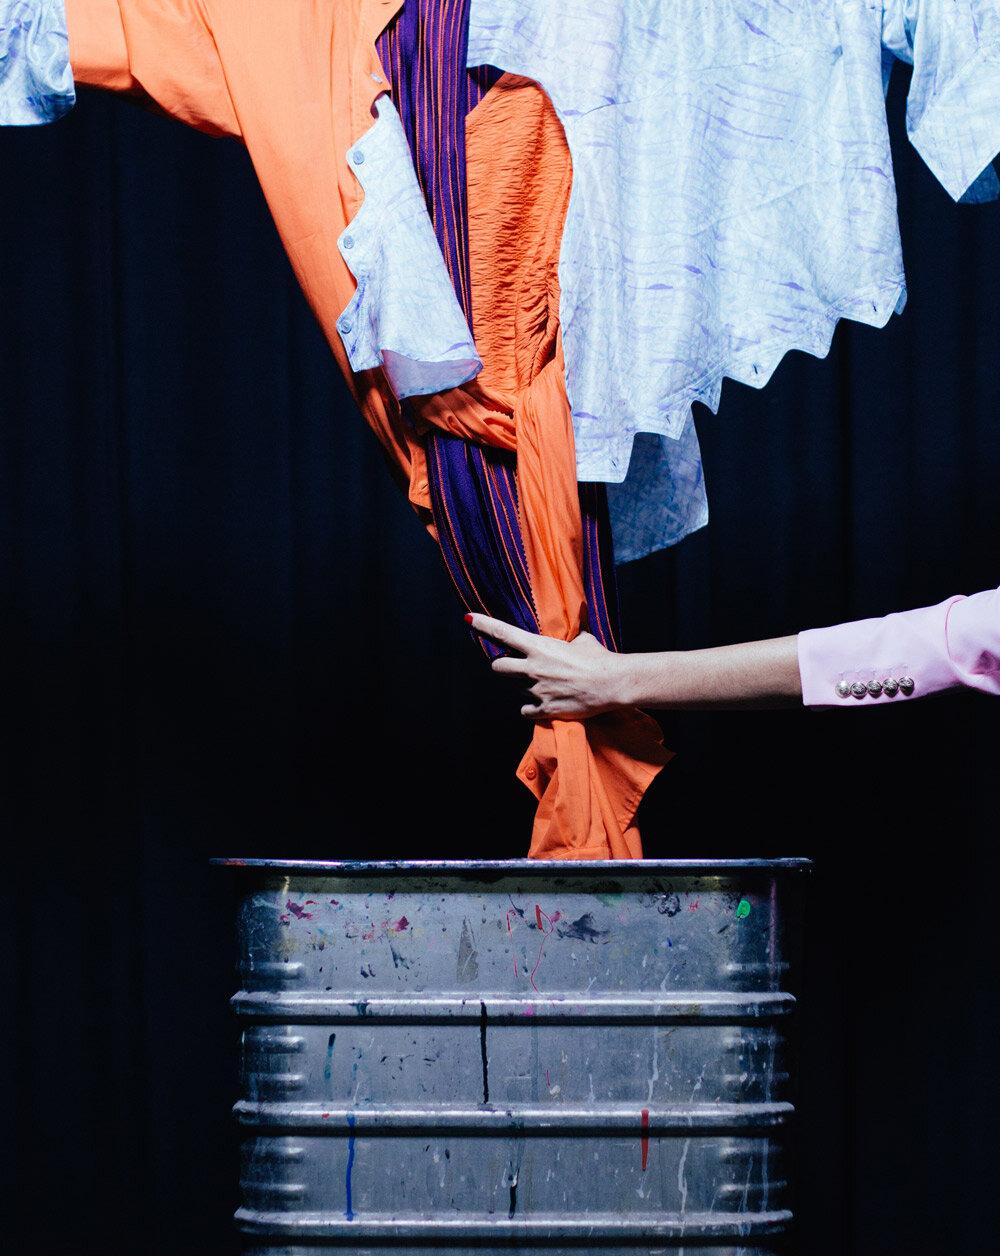 fashion-food-waste-by-cherie-birkner-60.jpg